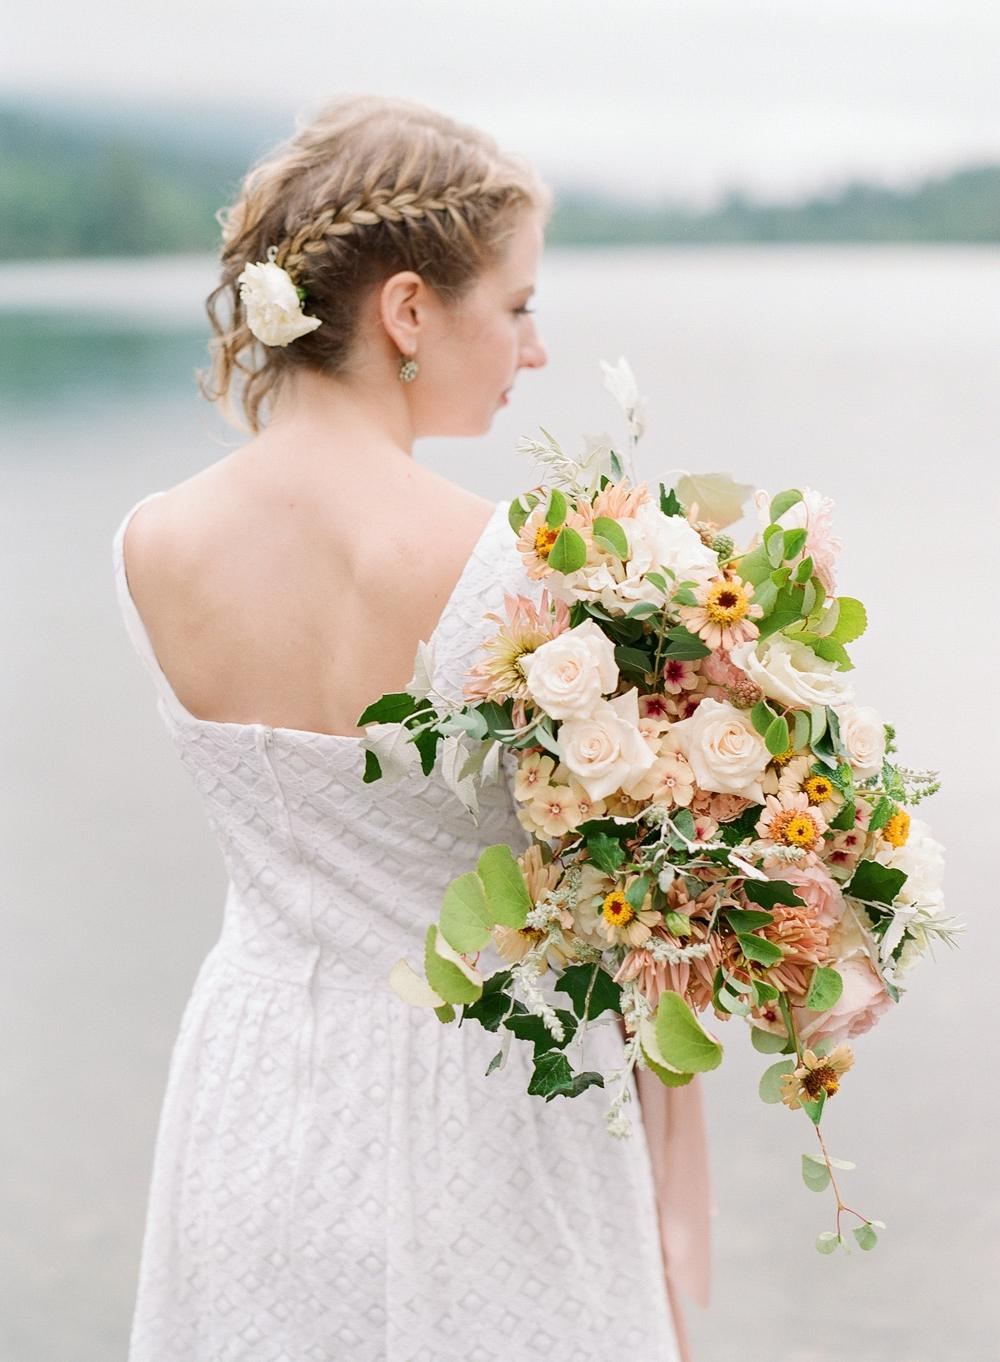 rattlesnake_lake_engagment_floral_bouquet 11.jpg